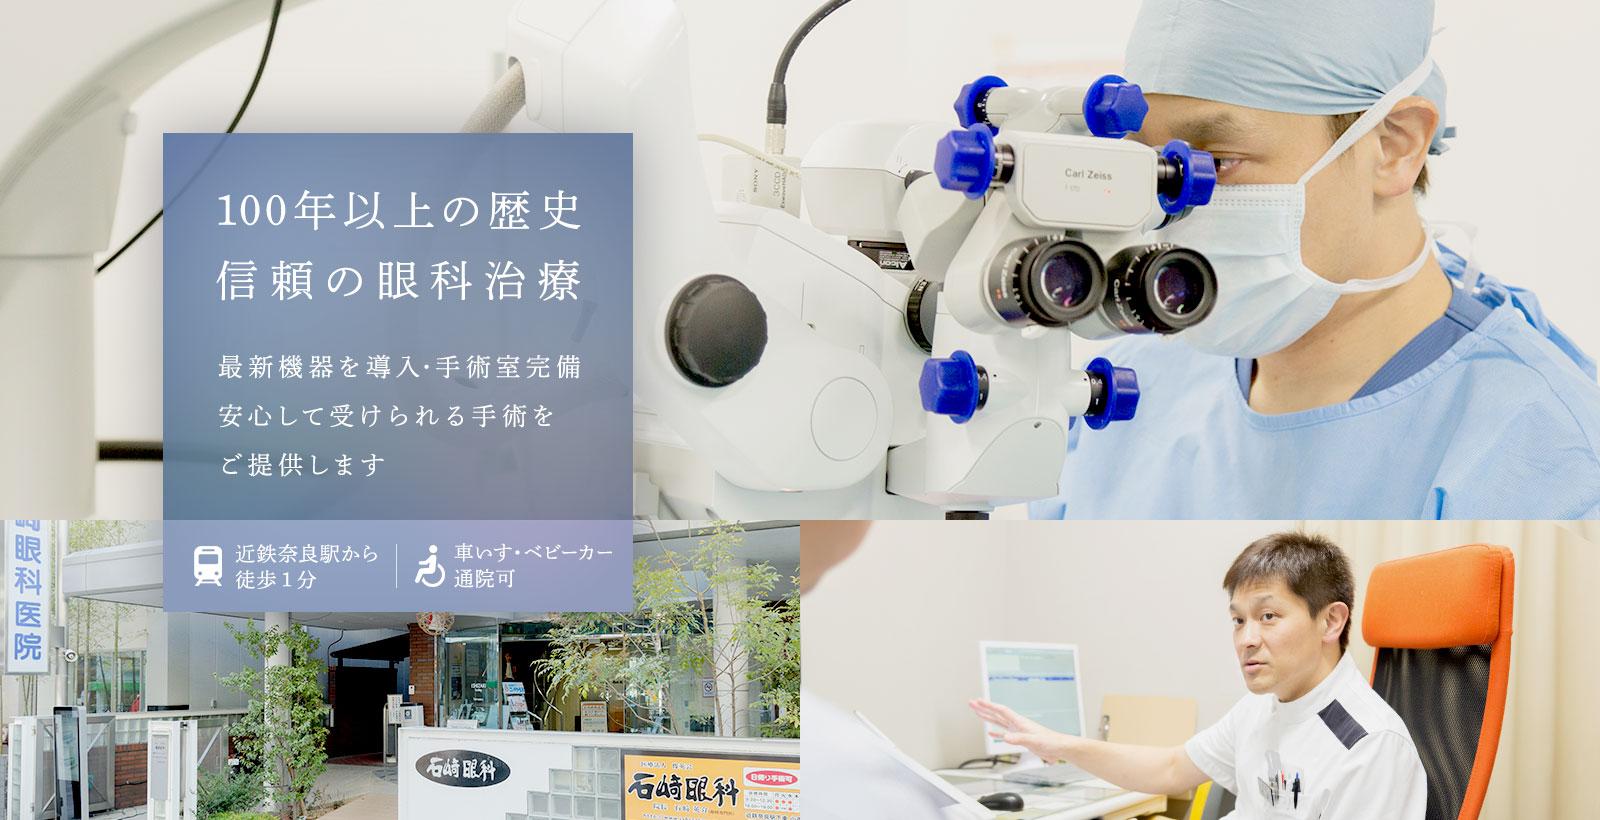 100年以上の歴史信頼の眼科治療 最新機器を導入・手術室完備安心して受けられる手術をご提供します 近鉄奈良駅から徒歩1分 車いす・ベビーカー通院可